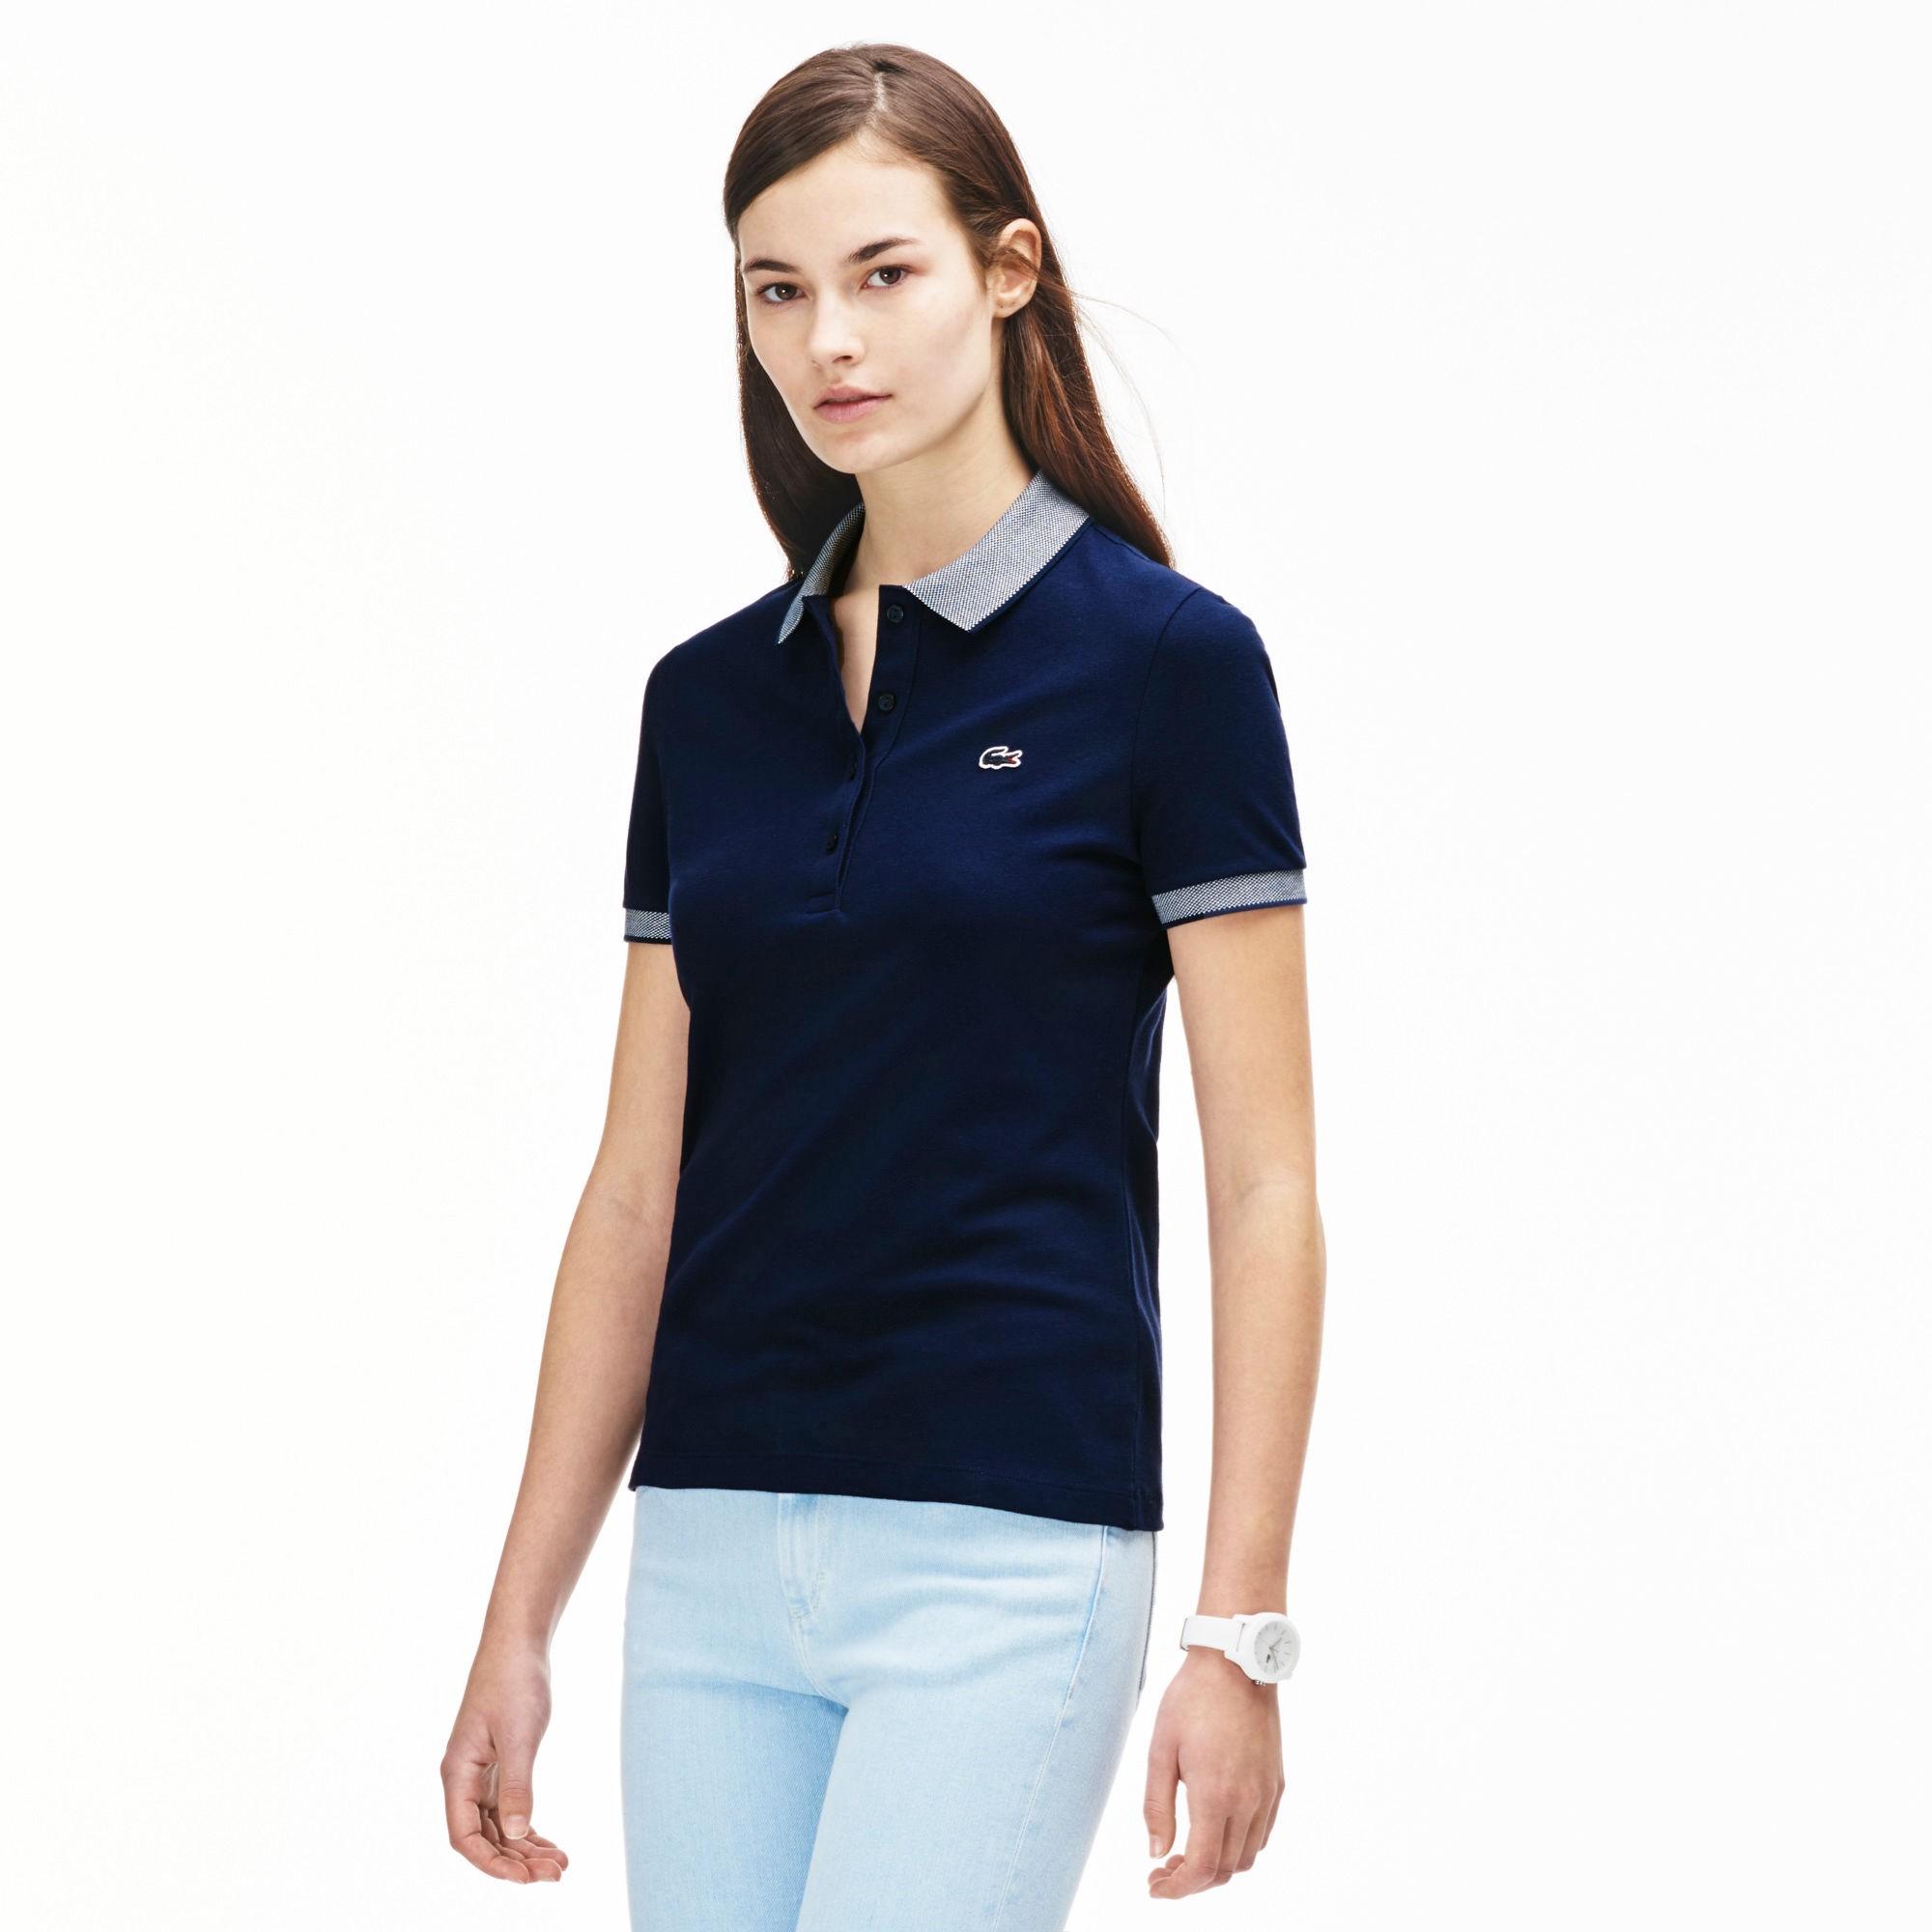 Women's Caviar Piqué Polo Shirt - Navy Blue/white